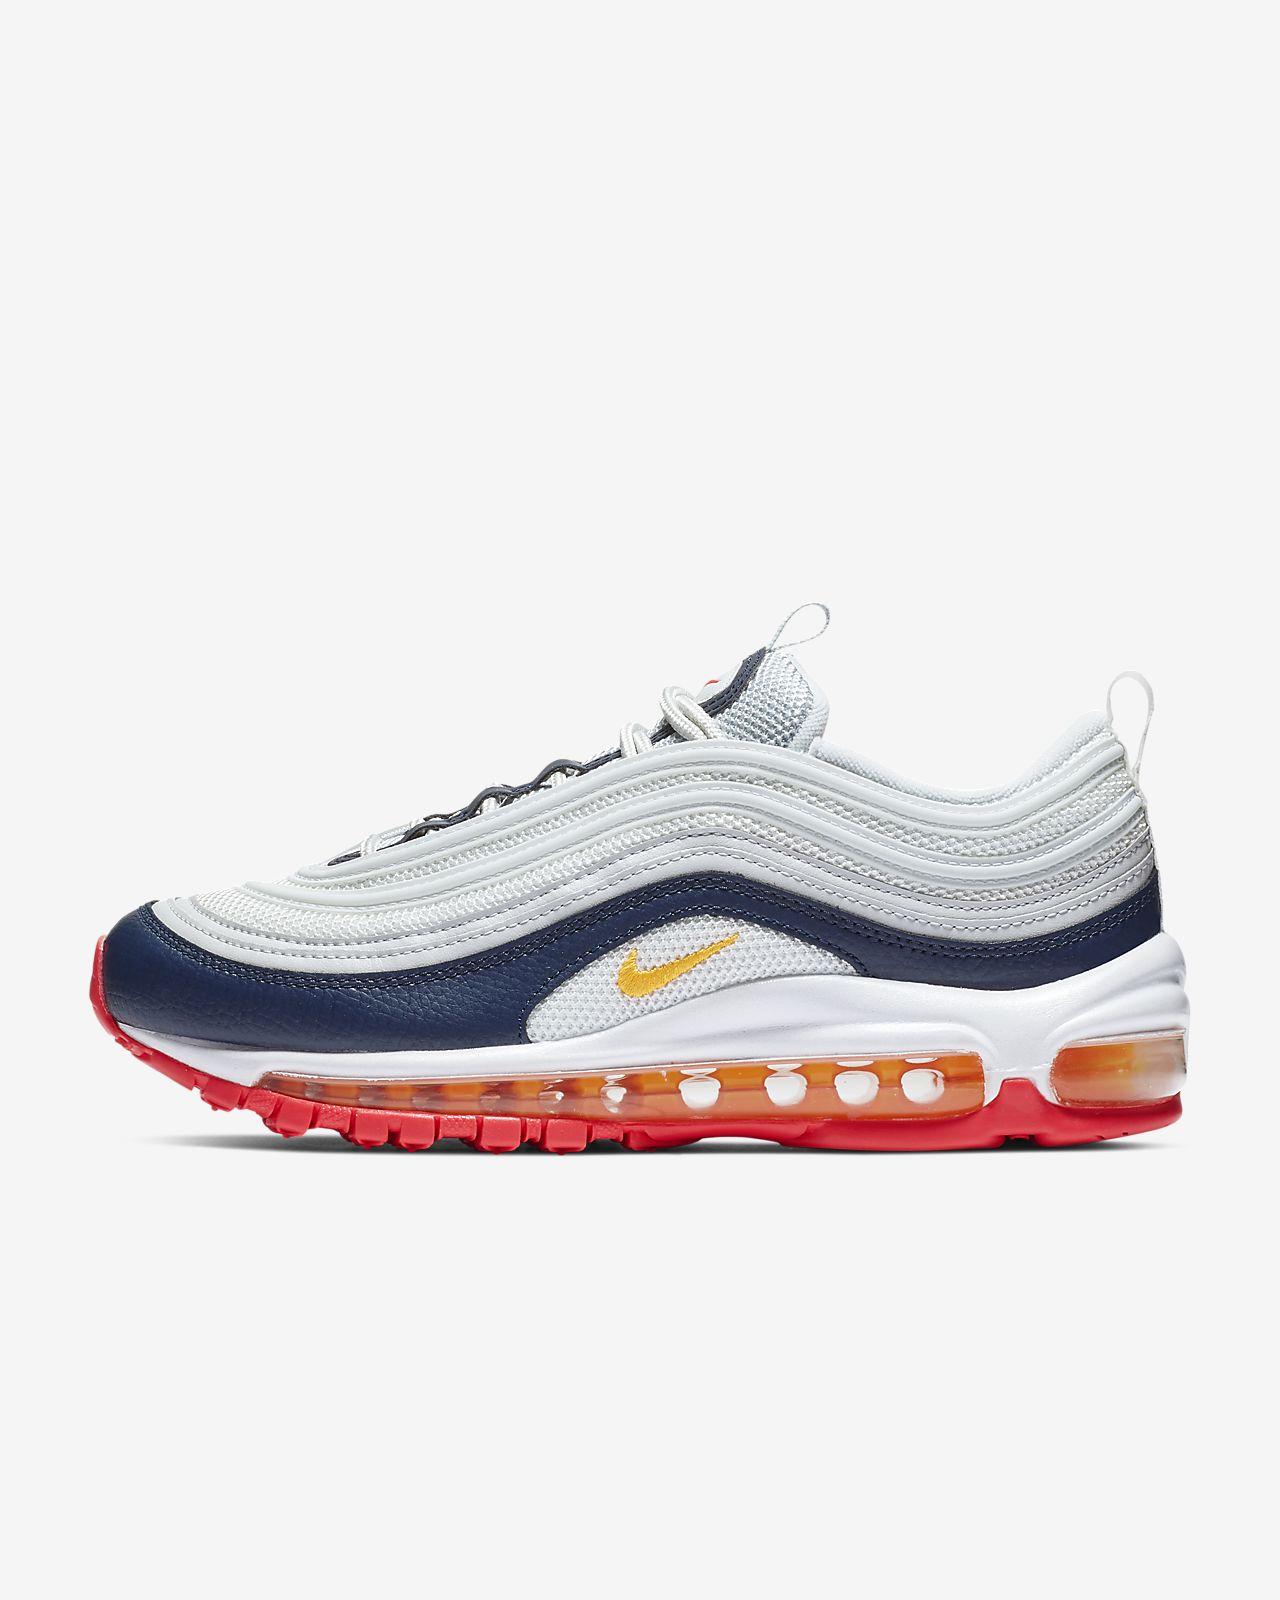 premium selection 9f589 fed94 ... Nike Air Max 97 Premium Damenschuh